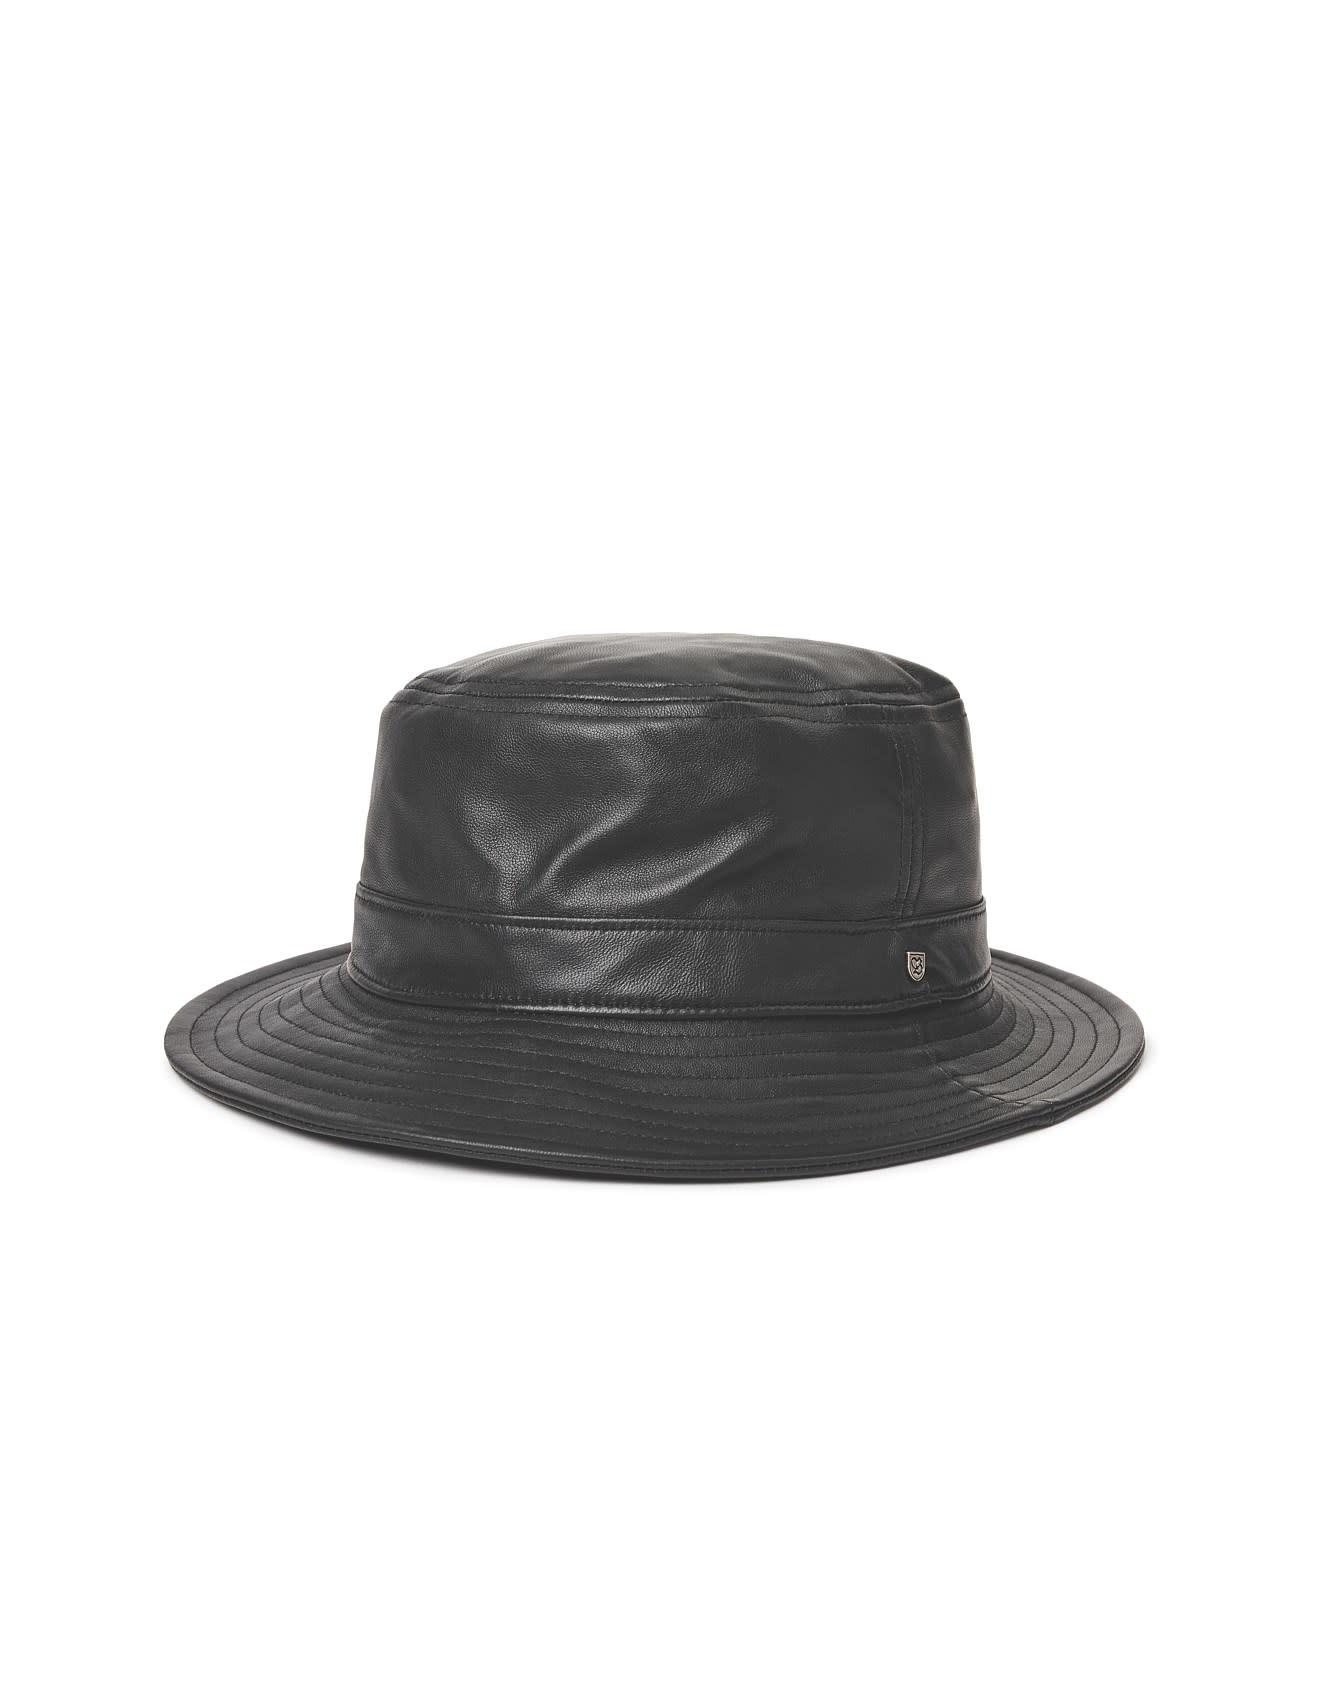 Brixton Brixton Mathews Bucket Hat - Black Leather